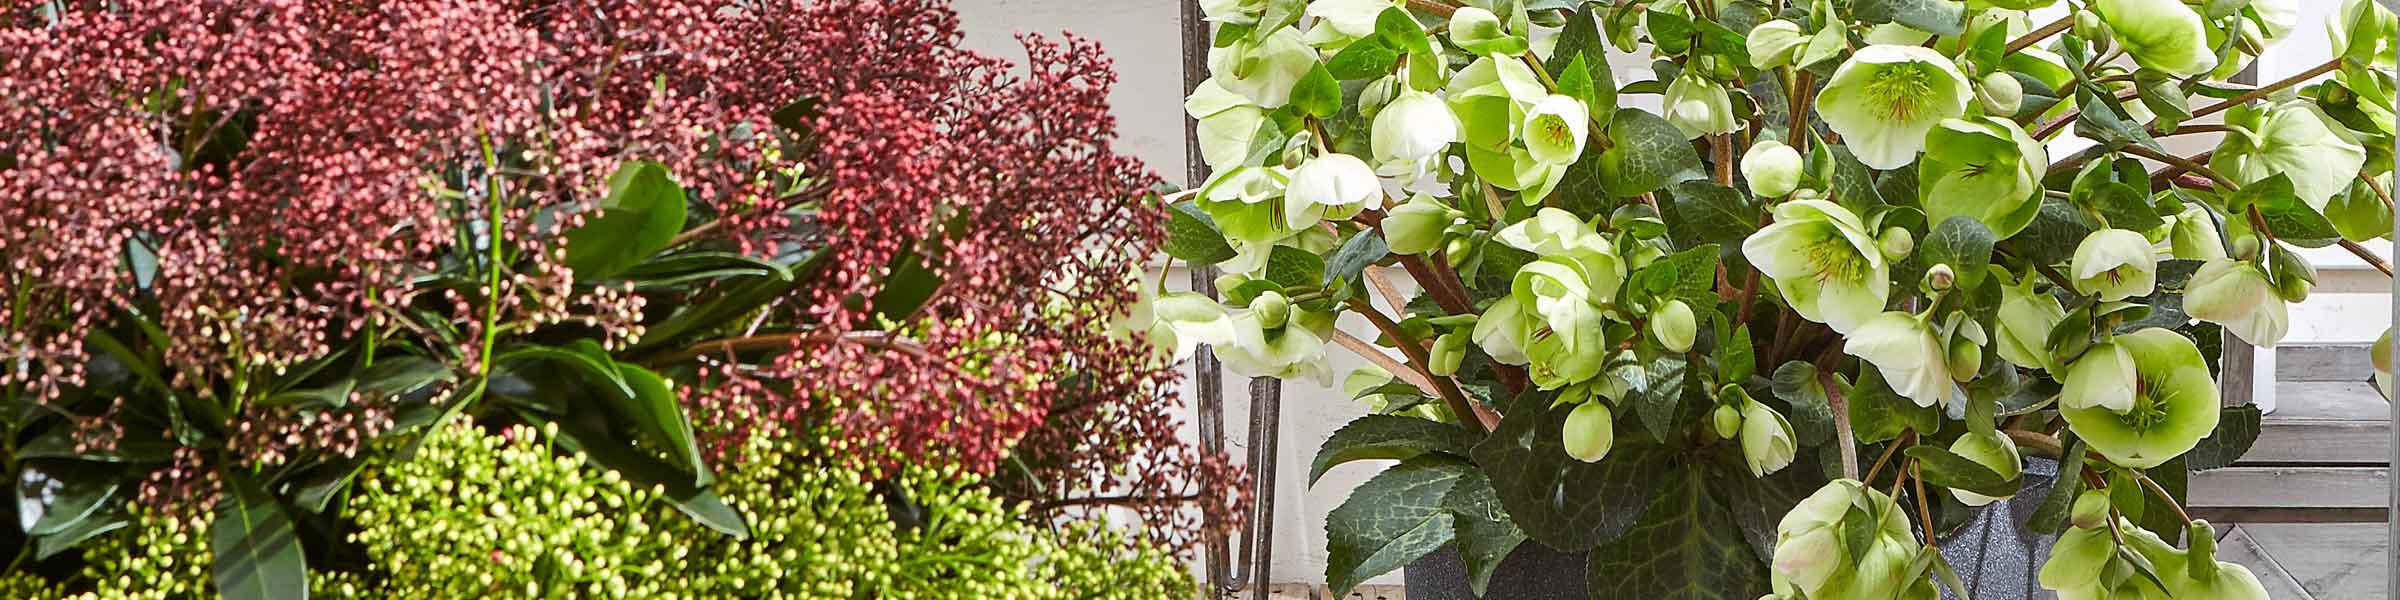 winterharte k belpflanzen bestellen dehner. Black Bedroom Furniture Sets. Home Design Ideas